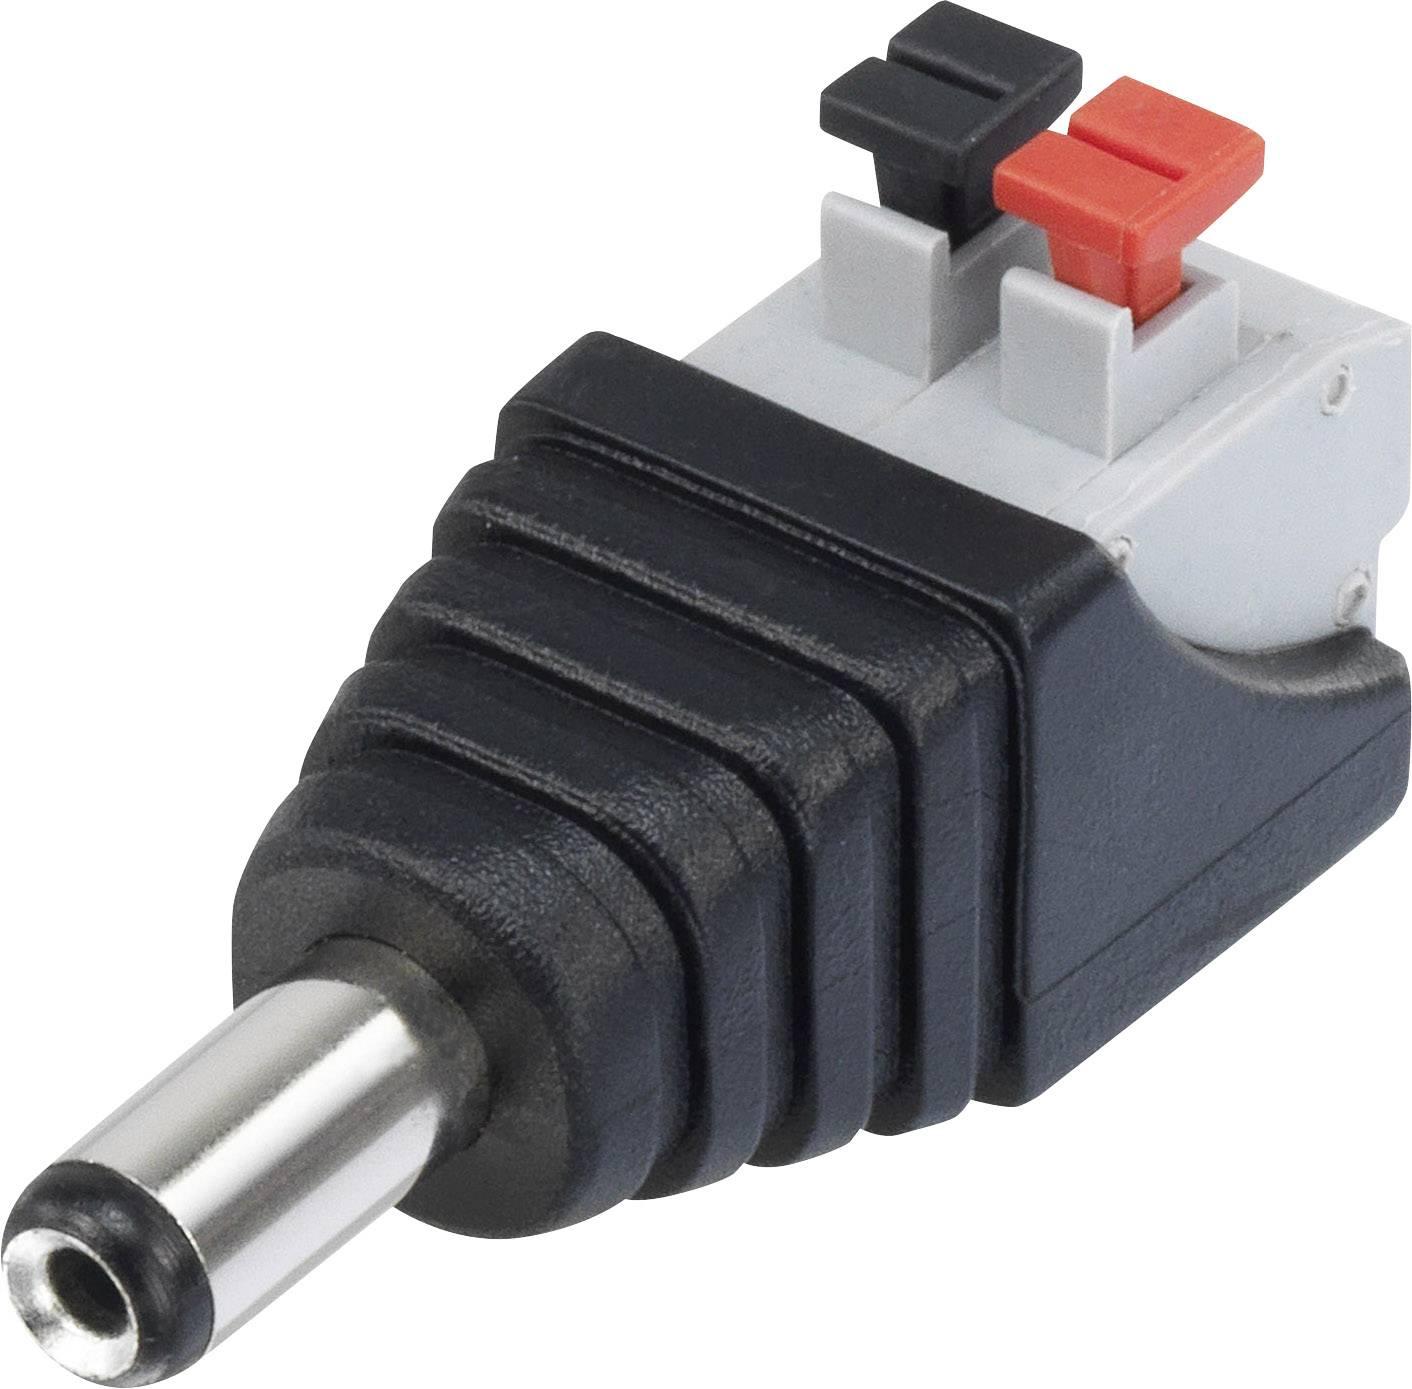 Nízkonapäťový konektor zástrčka, rovná Conrad Components QT-DC2.1M, 5.5 mm, 2.1 mm, 1 ks